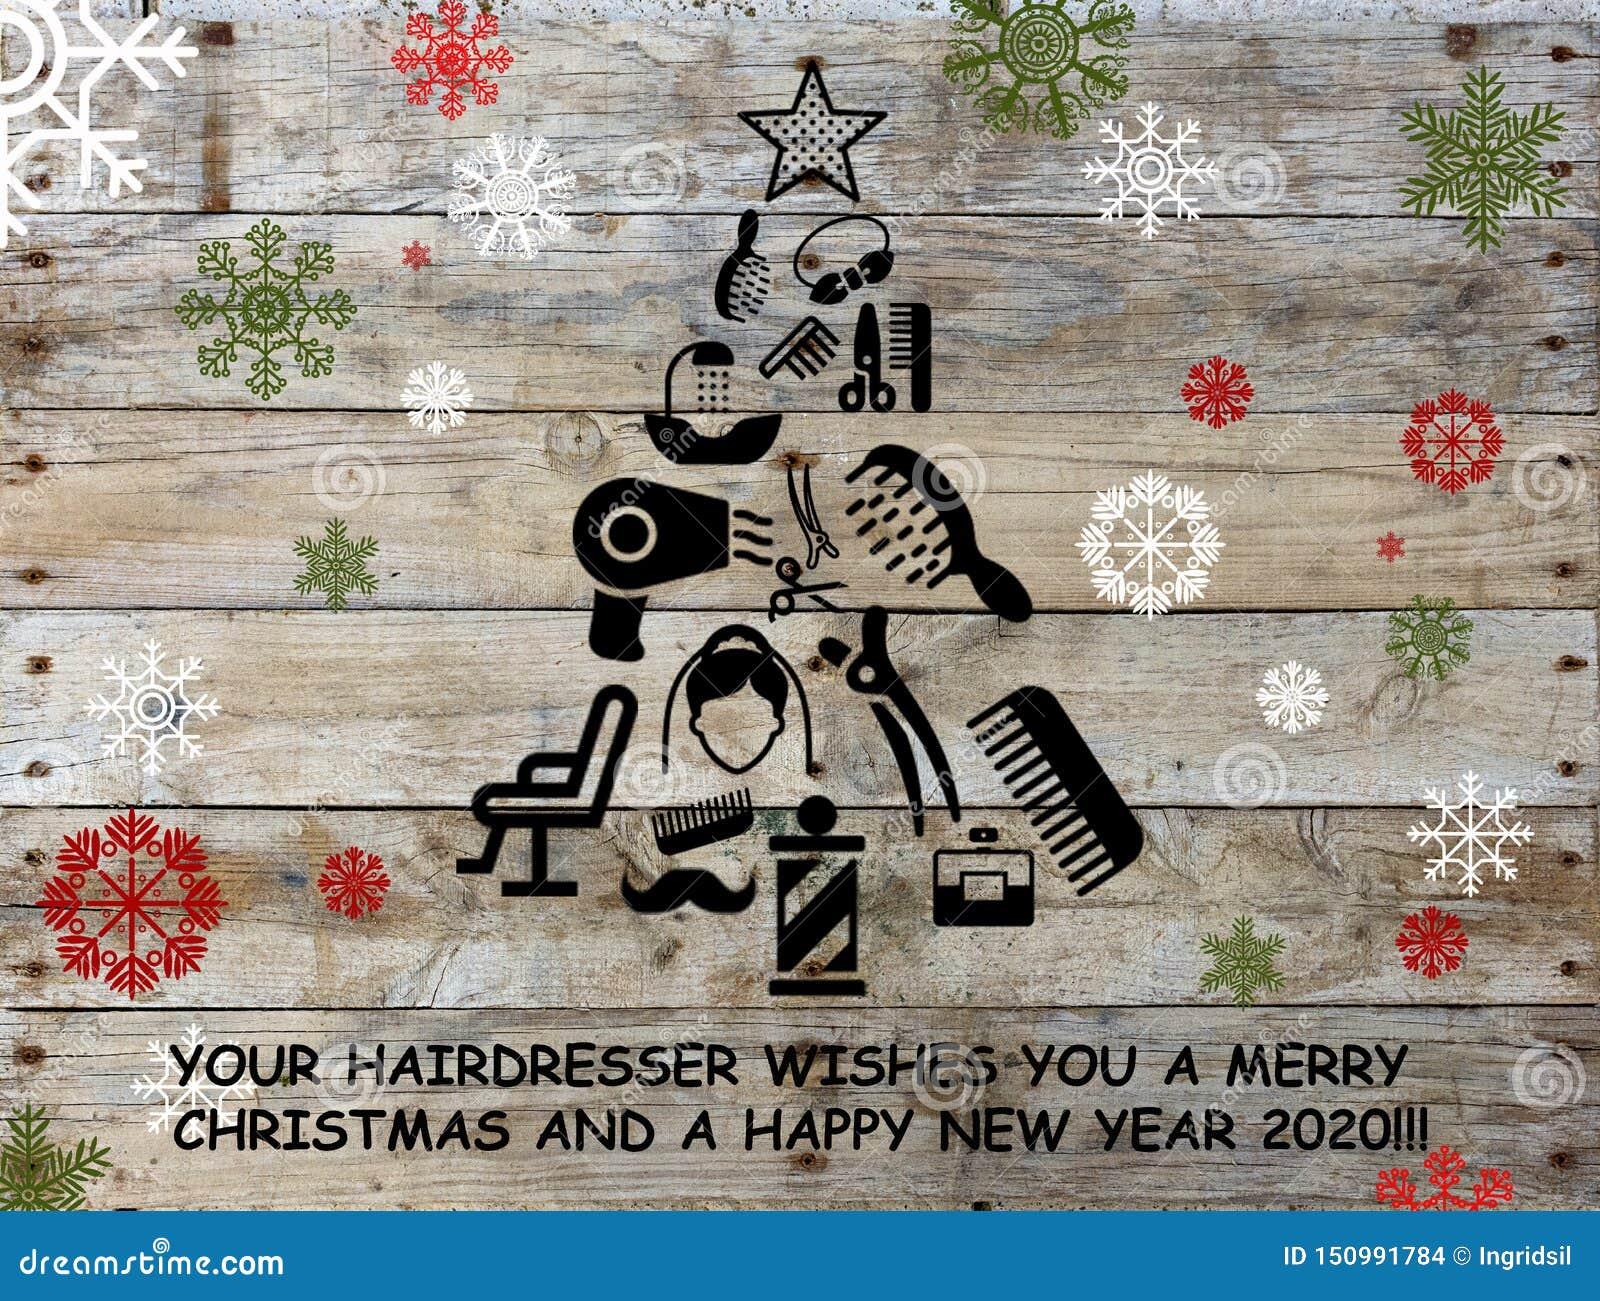 Va Christmas Wallpaper 2020 Wooden Panel For Background. Hair Dresser Greetings Card. Stock